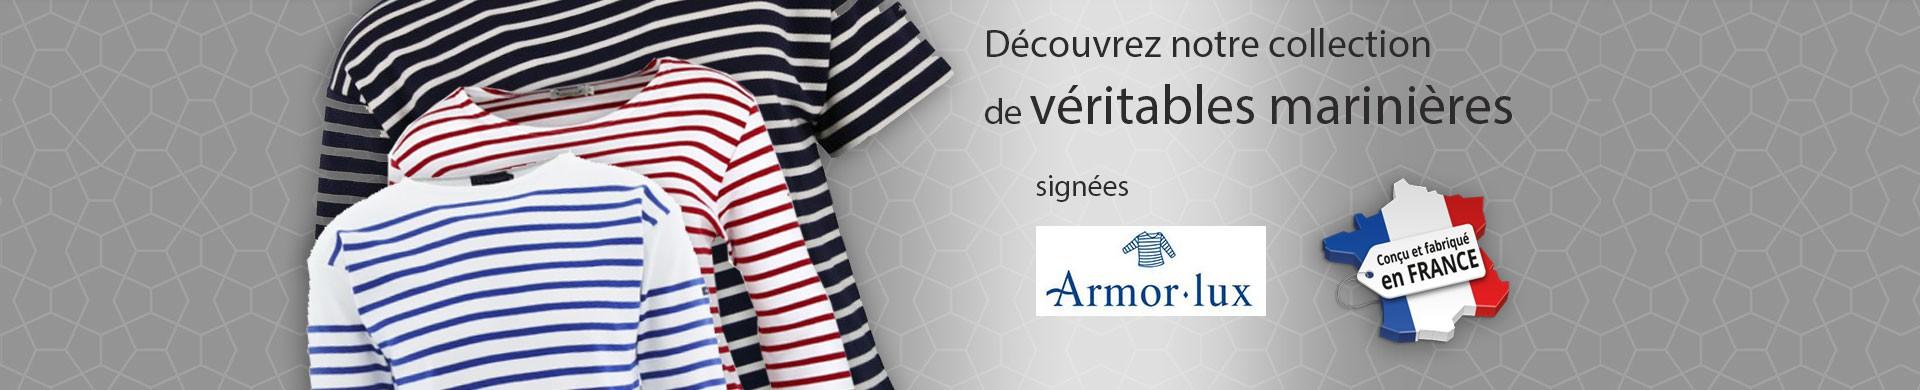 Découvrez notre collection de véritables marinières de fabrication française !